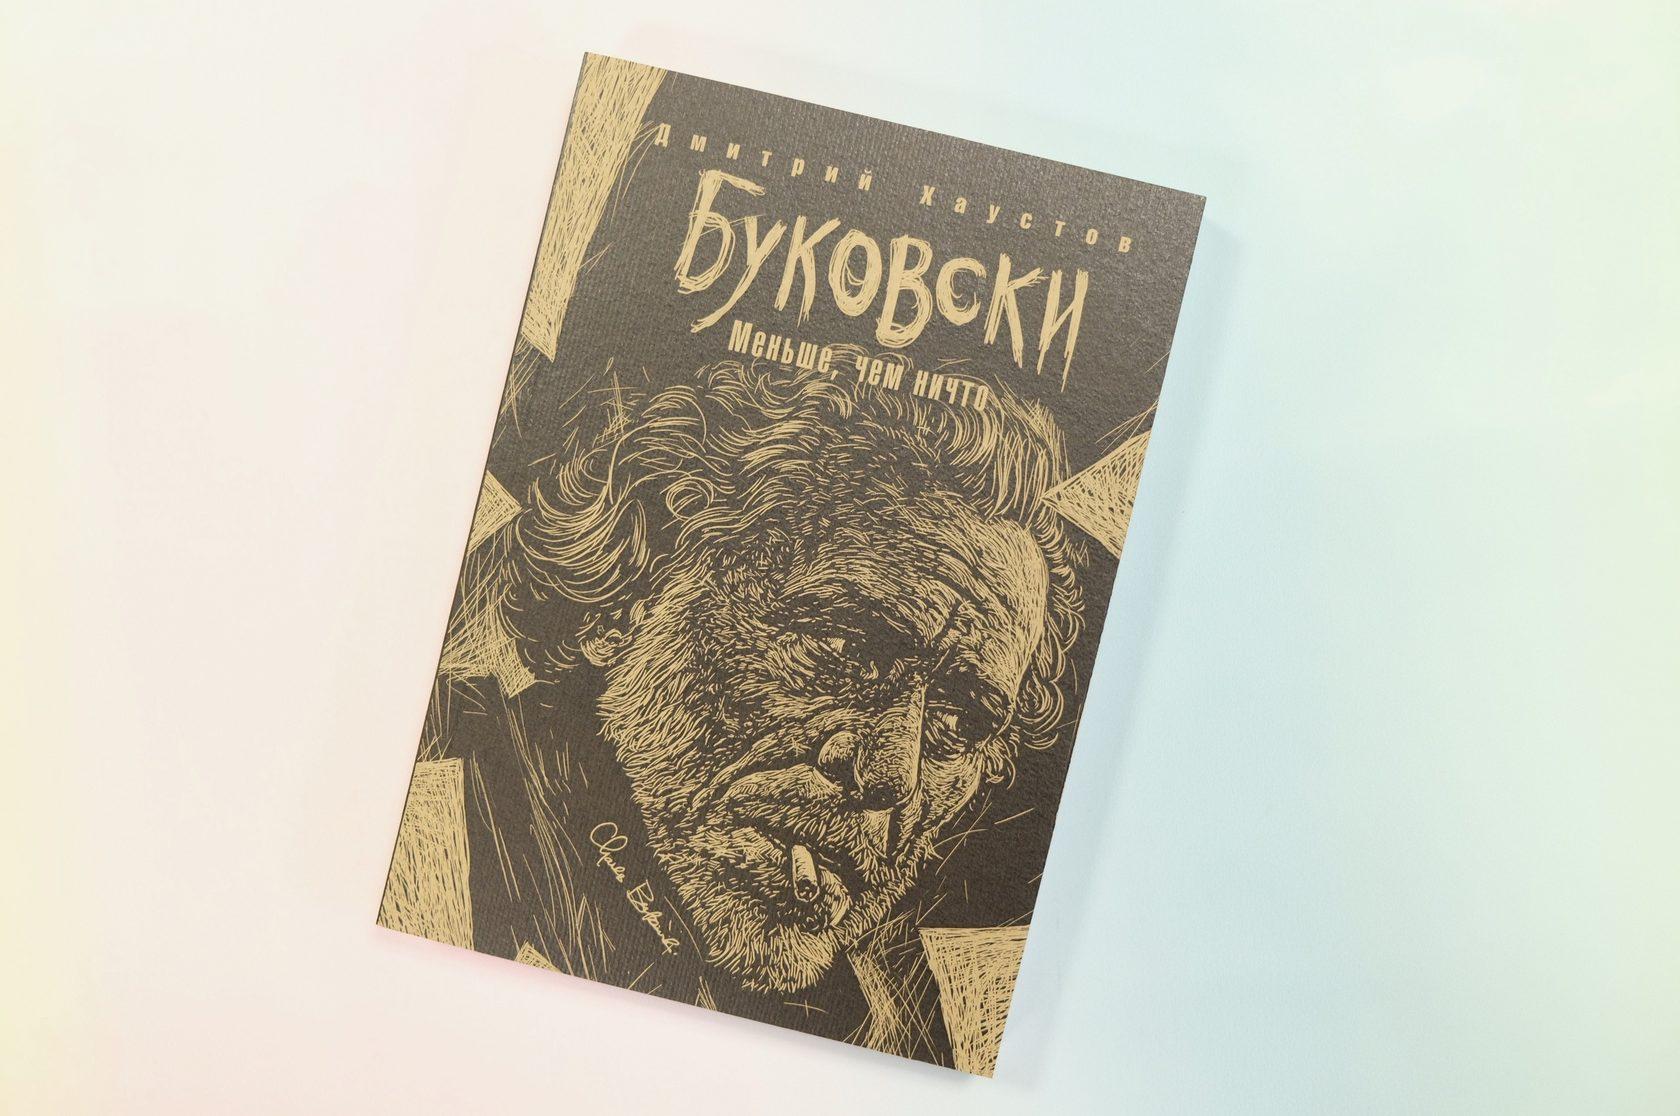 Дмитрий Хаустов «Буковски. Меньше, чем ничто»